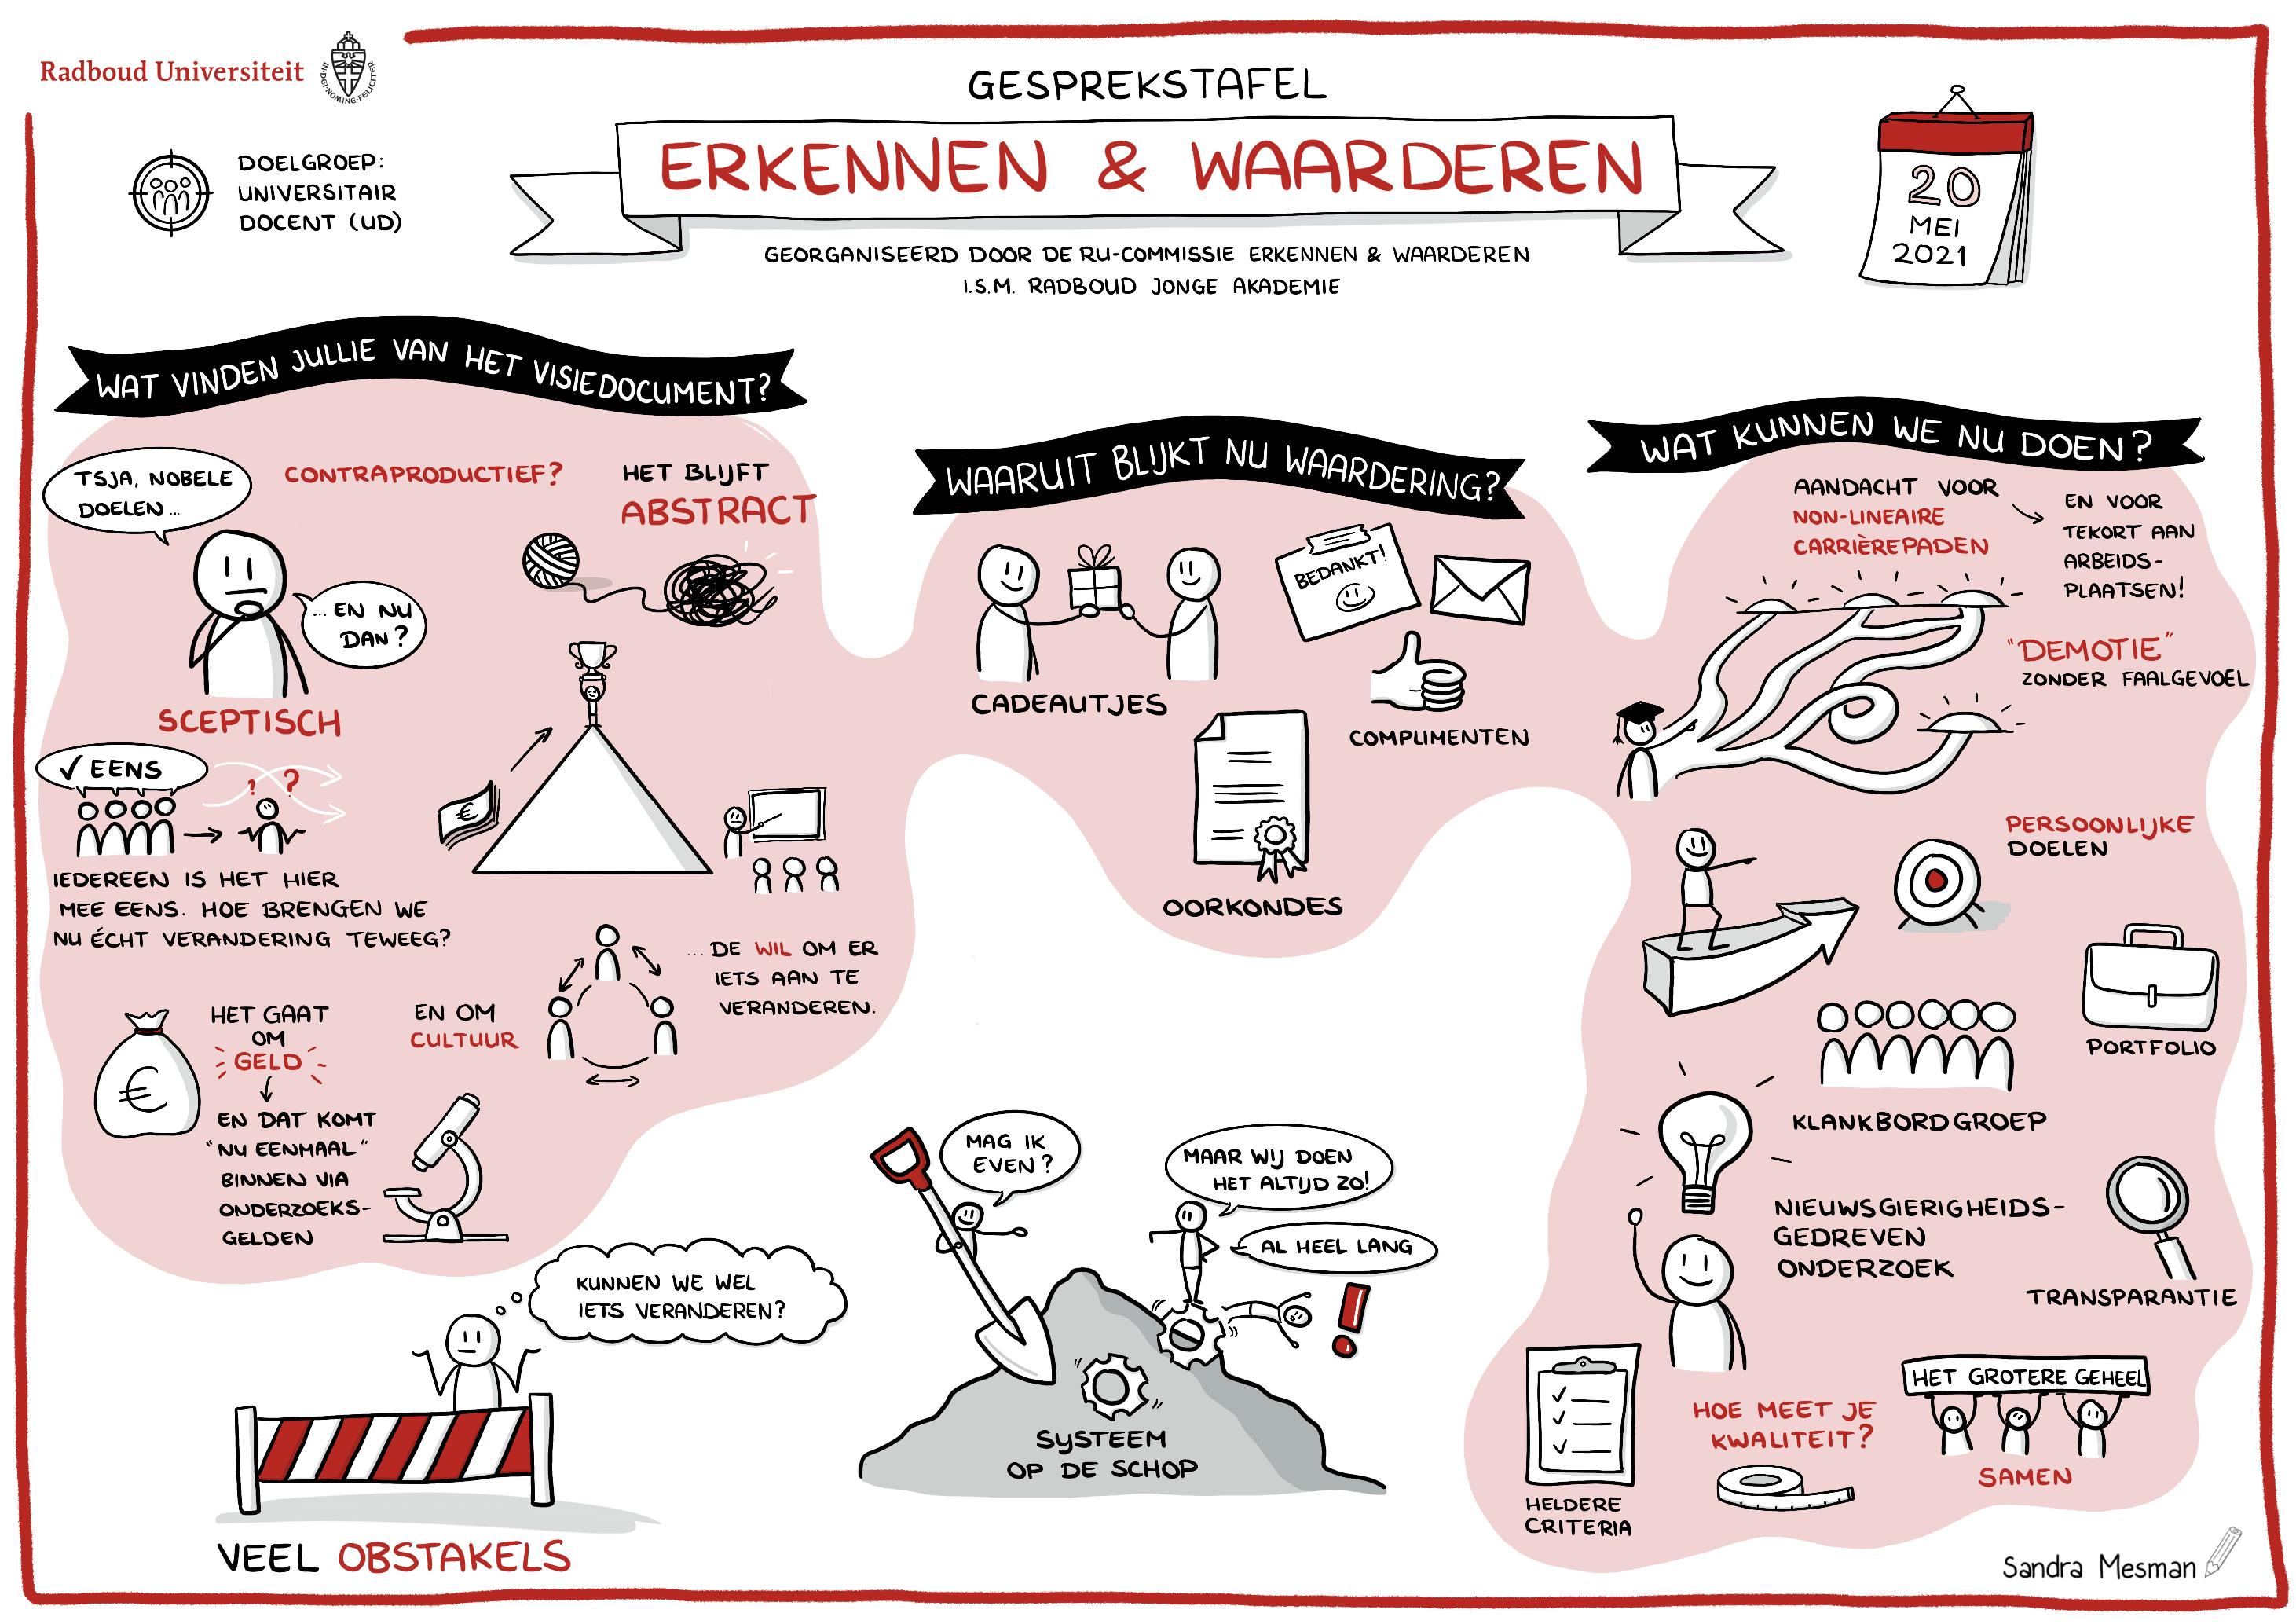 Visuele notulen of live tekenen voor Radboud Universiteit over Erkennen en Waarderen - Sandra Mesman